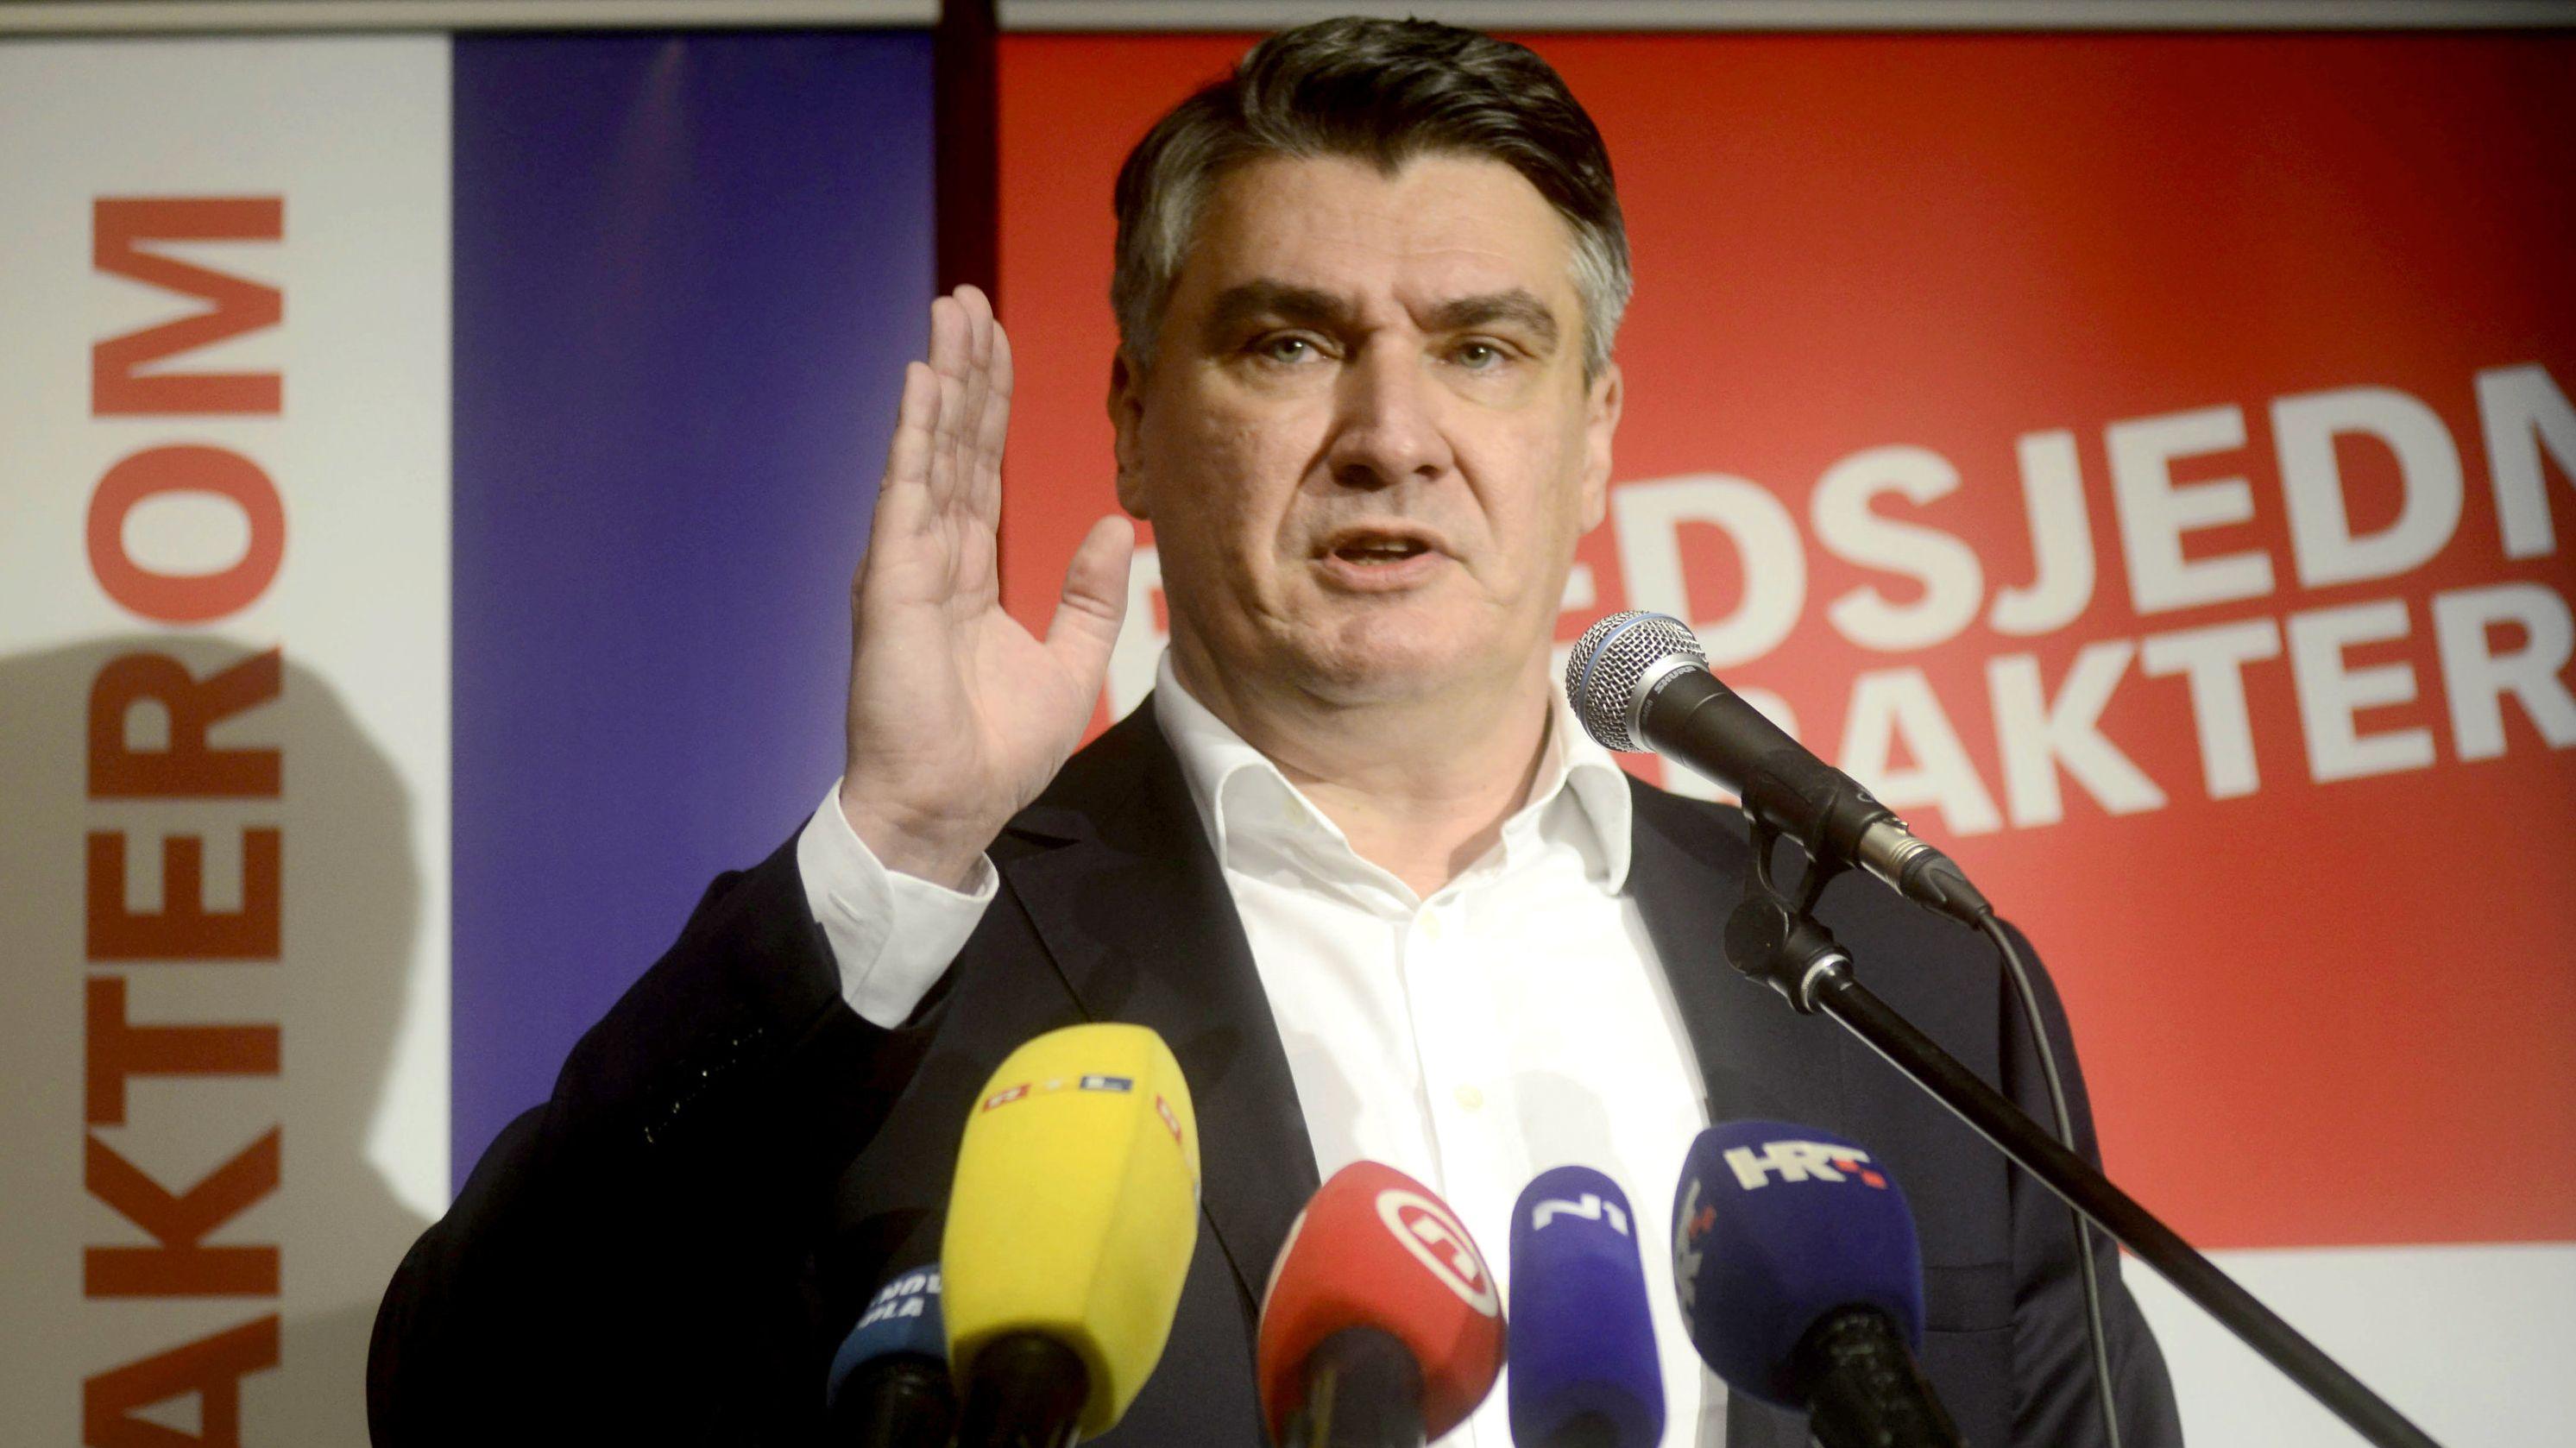 Zoran Milanovic (SDP), kroatischer Präsidentschaftskandidat und ehemaliger Premierminister von Kroatien bei einer Wahlkundgebung.